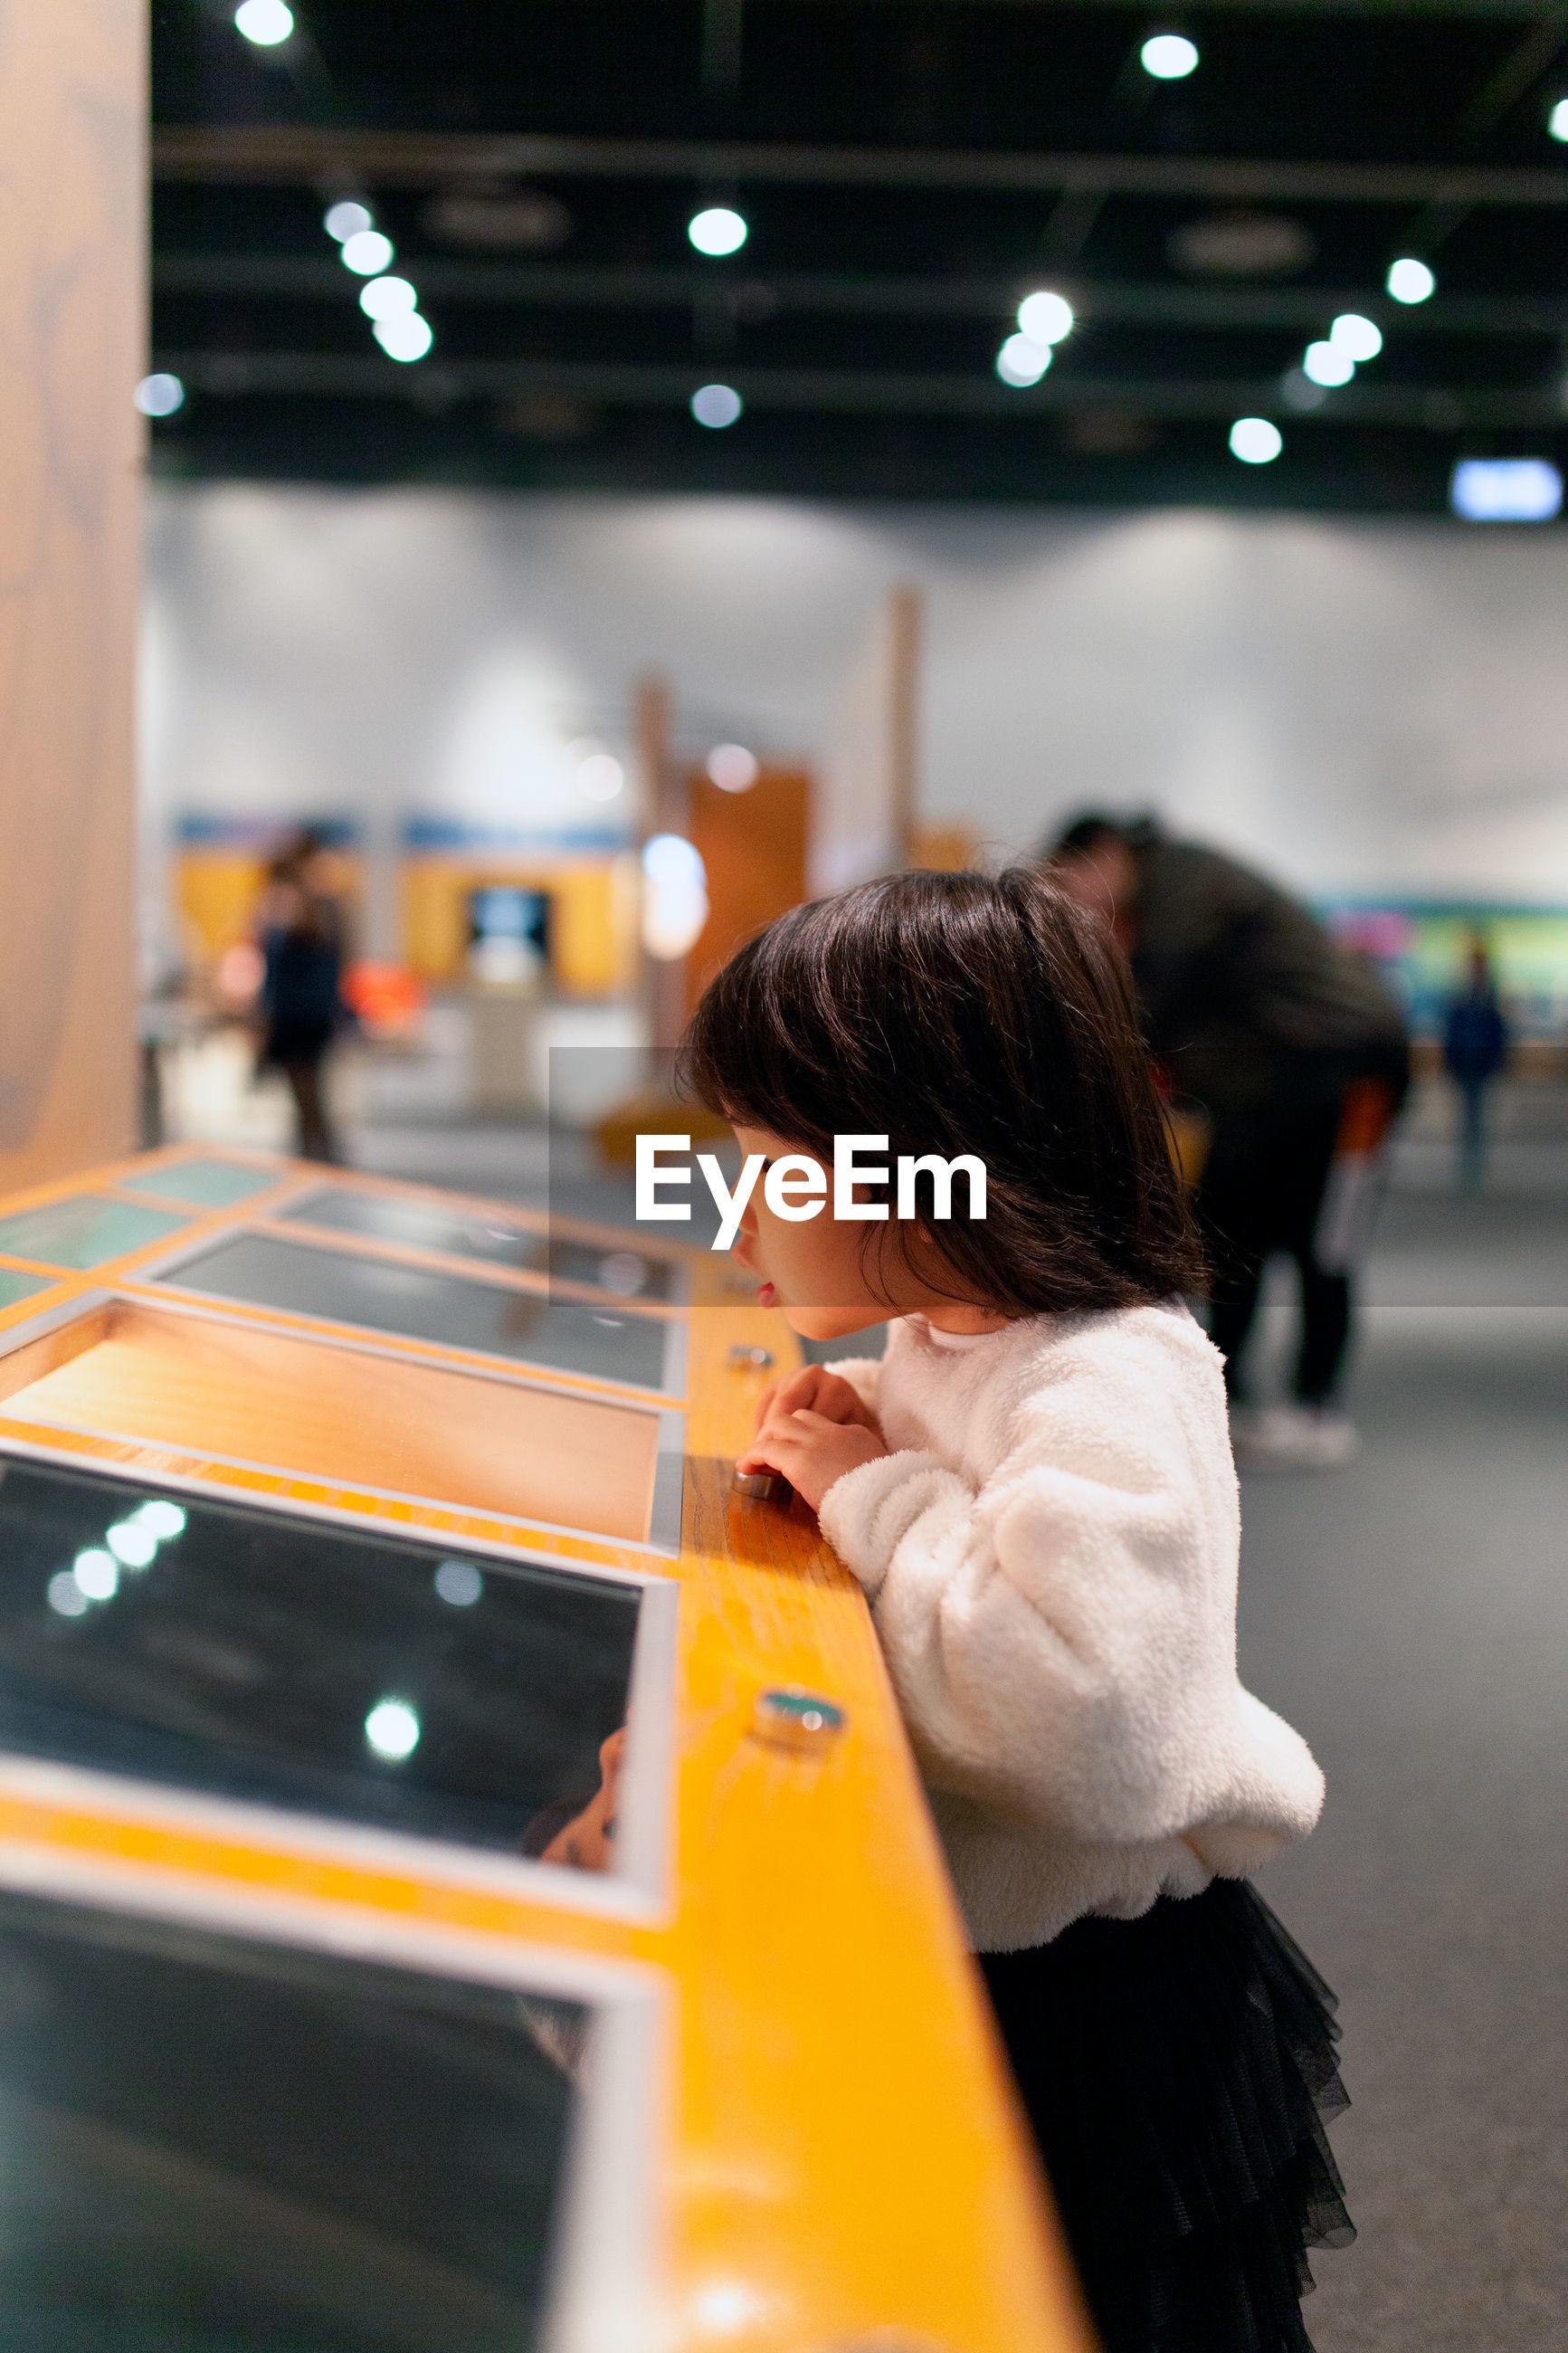 Cute girl looking at illuminated game